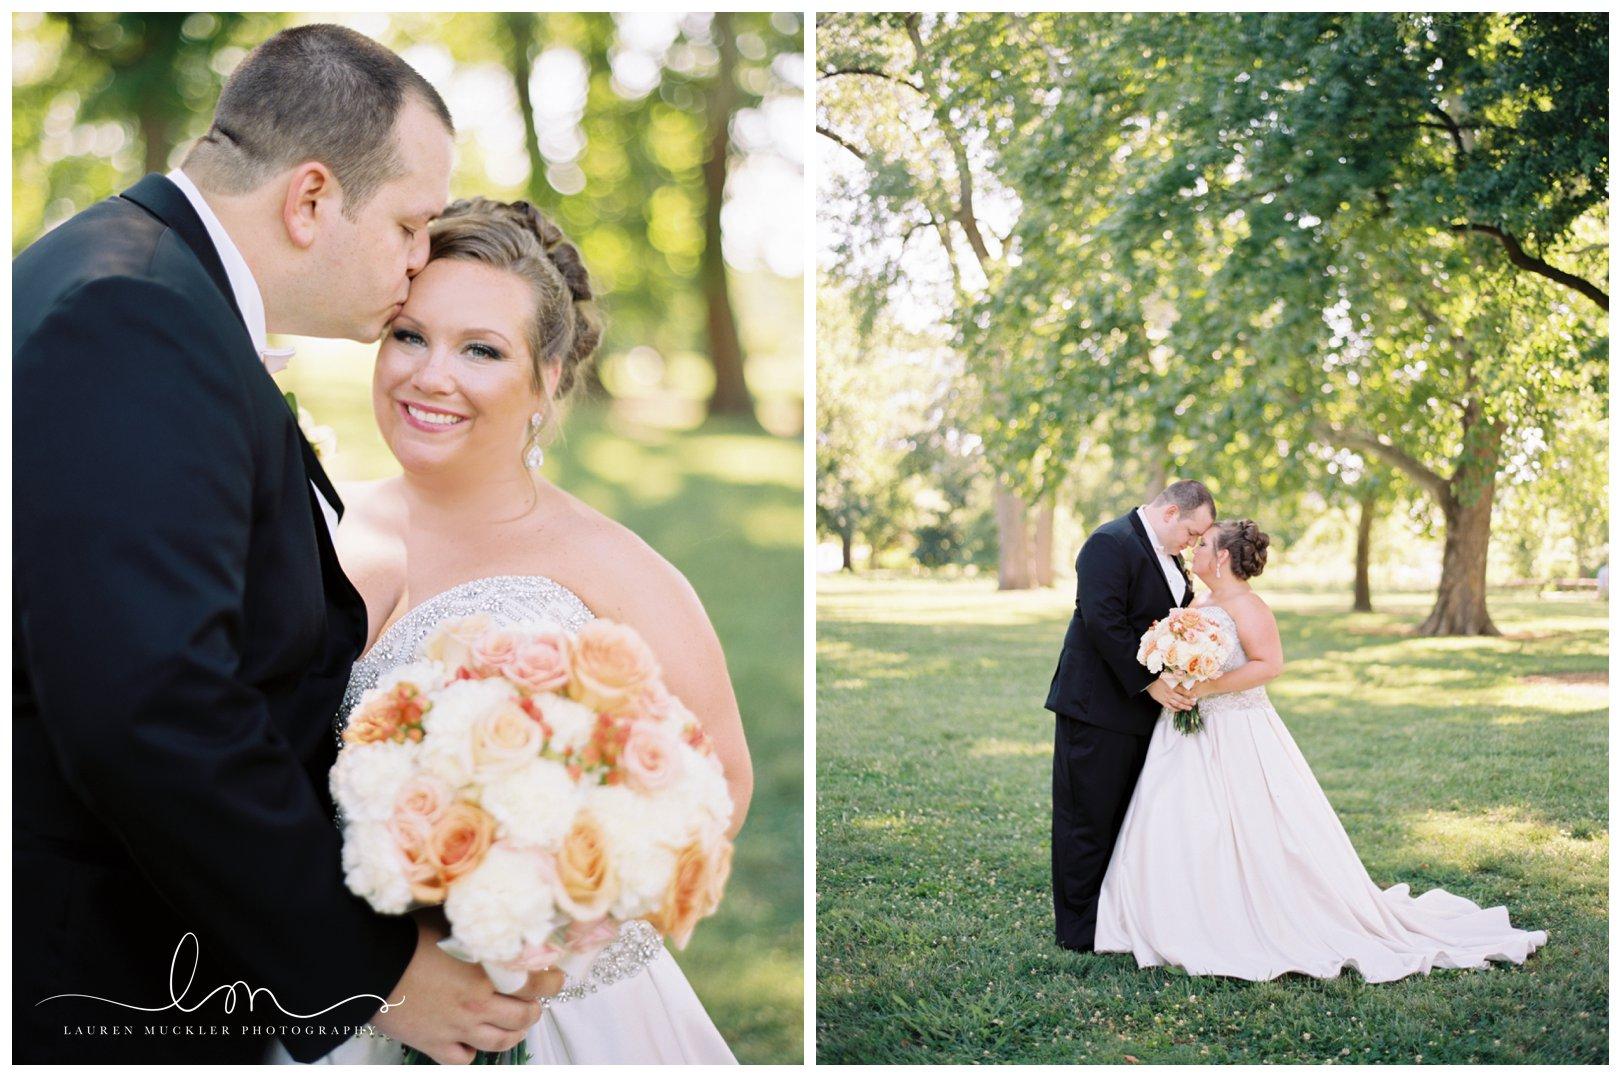 lauren muckler photography_fine art film wedding photography_st louis_photography_0633.jpg